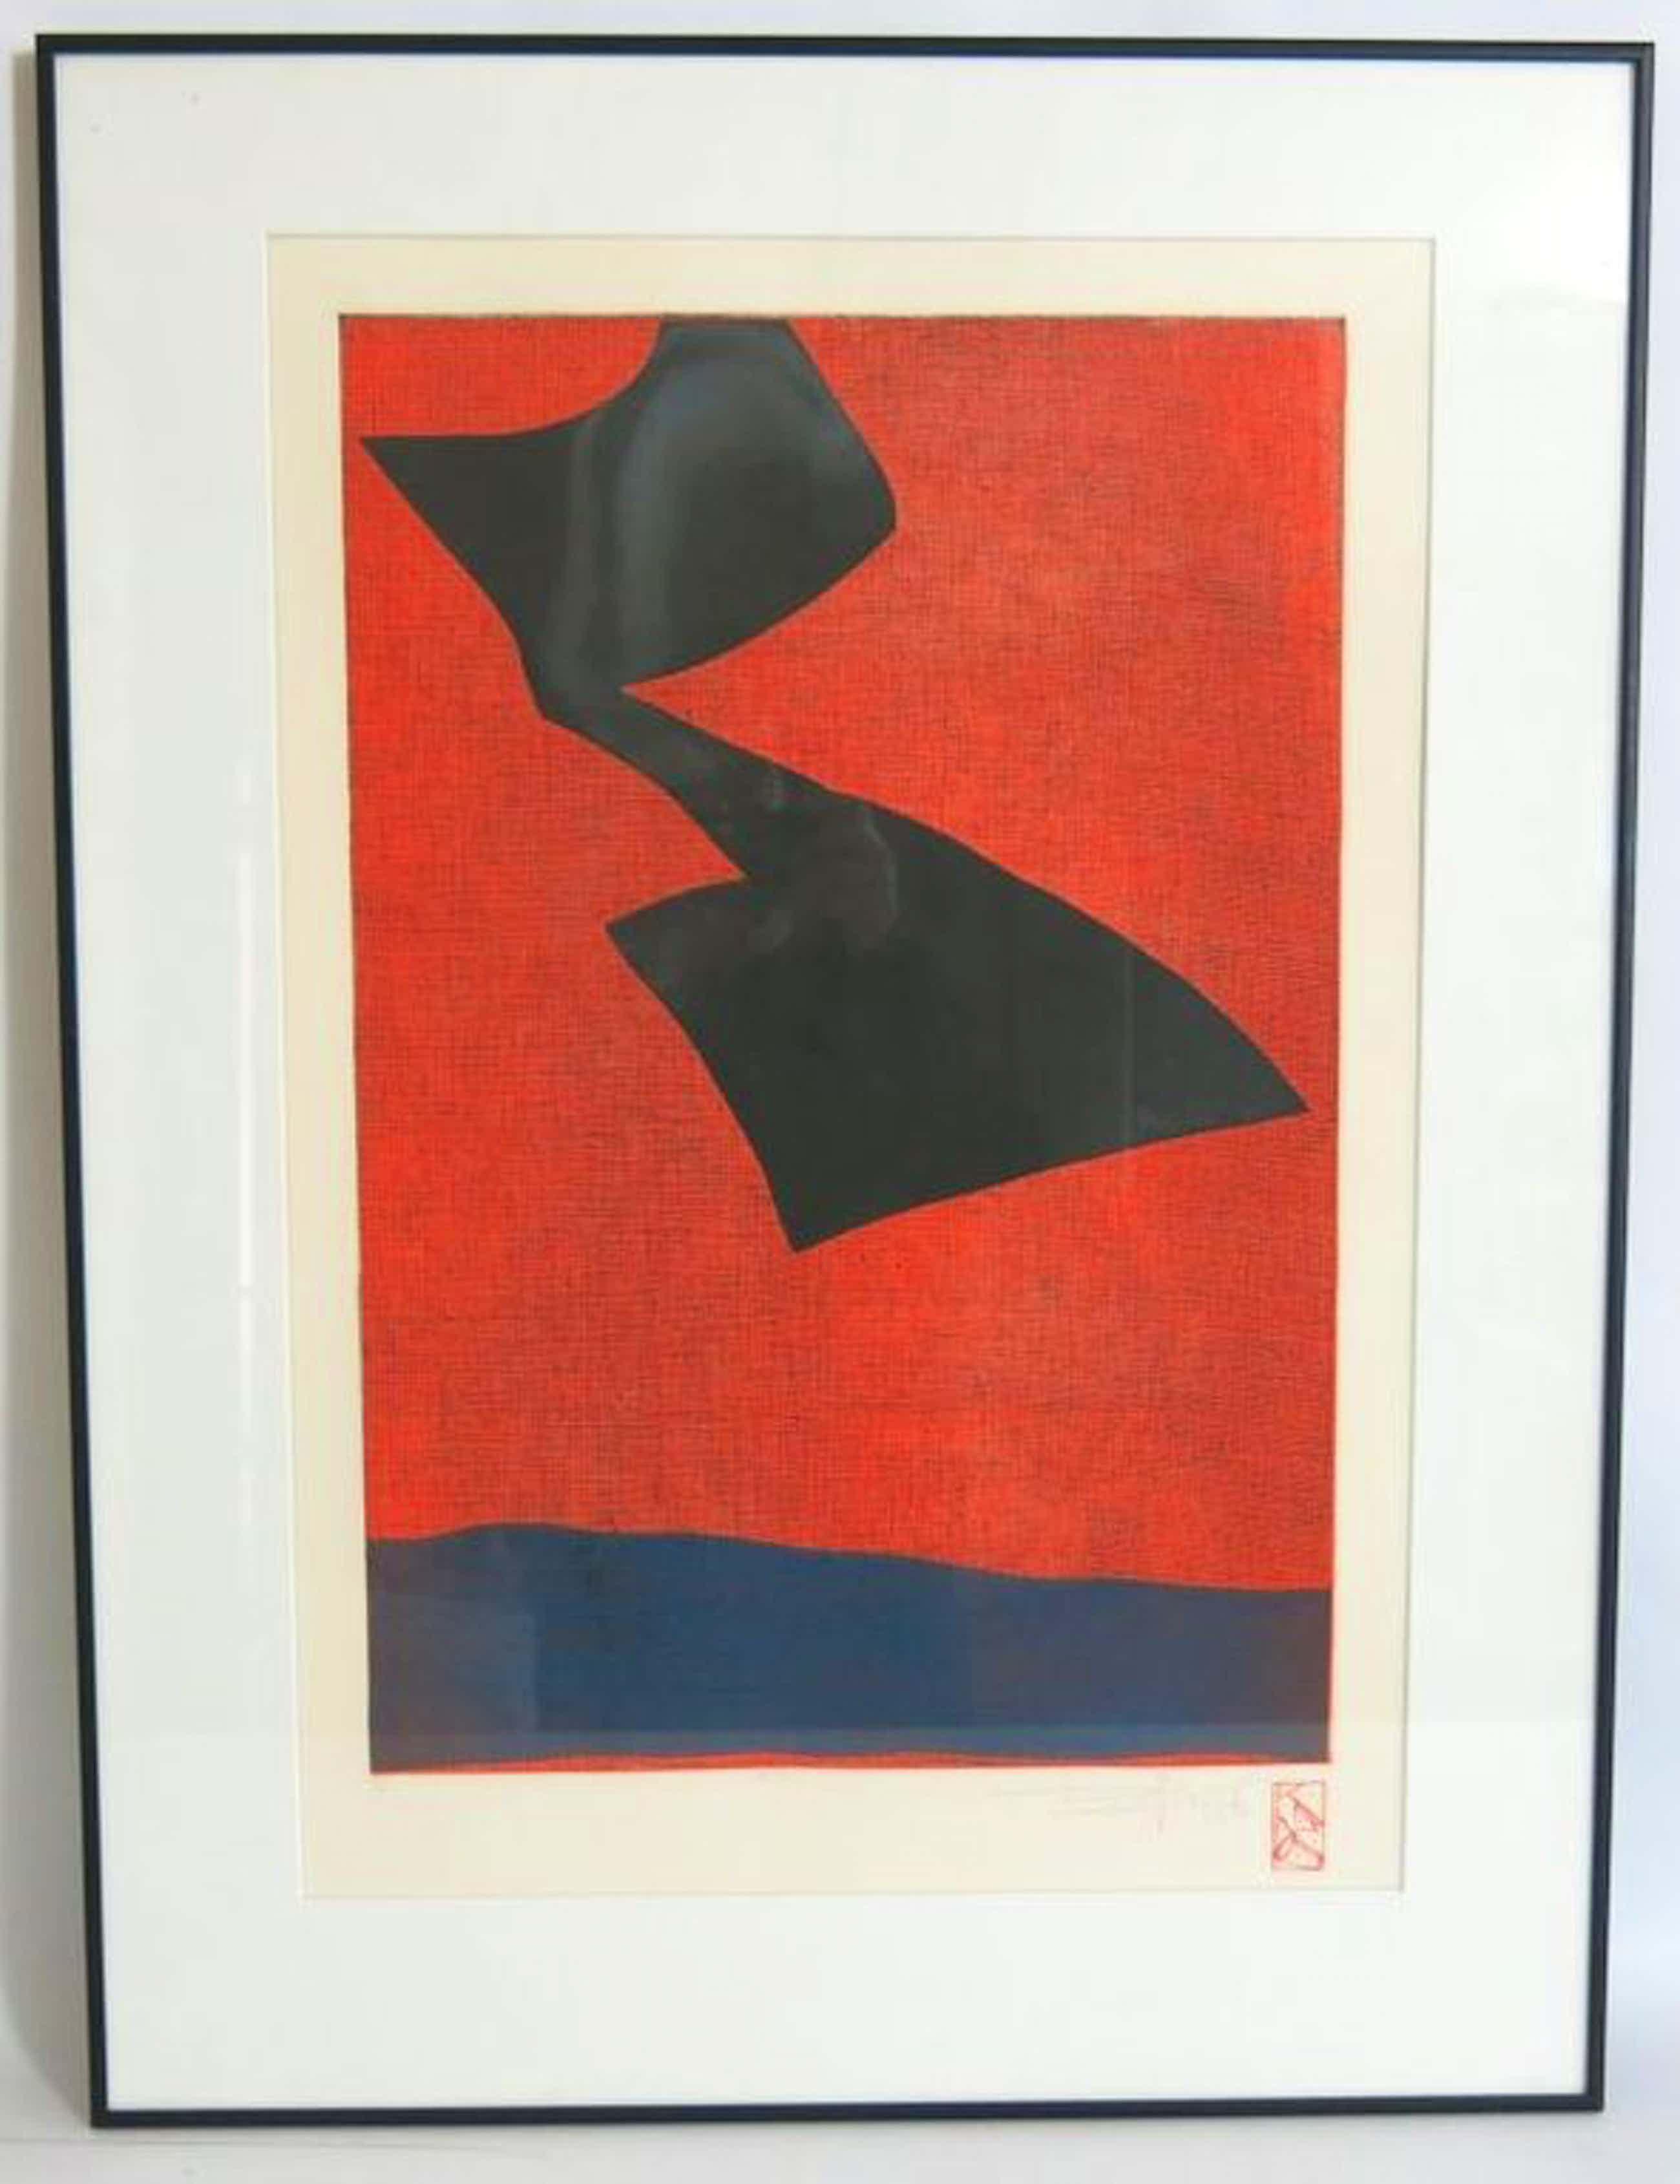 Koos van der Sluys, ets op handgeschept papier: Compositie zwart op rood - ingelijst kopen? Bied vanaf 40!